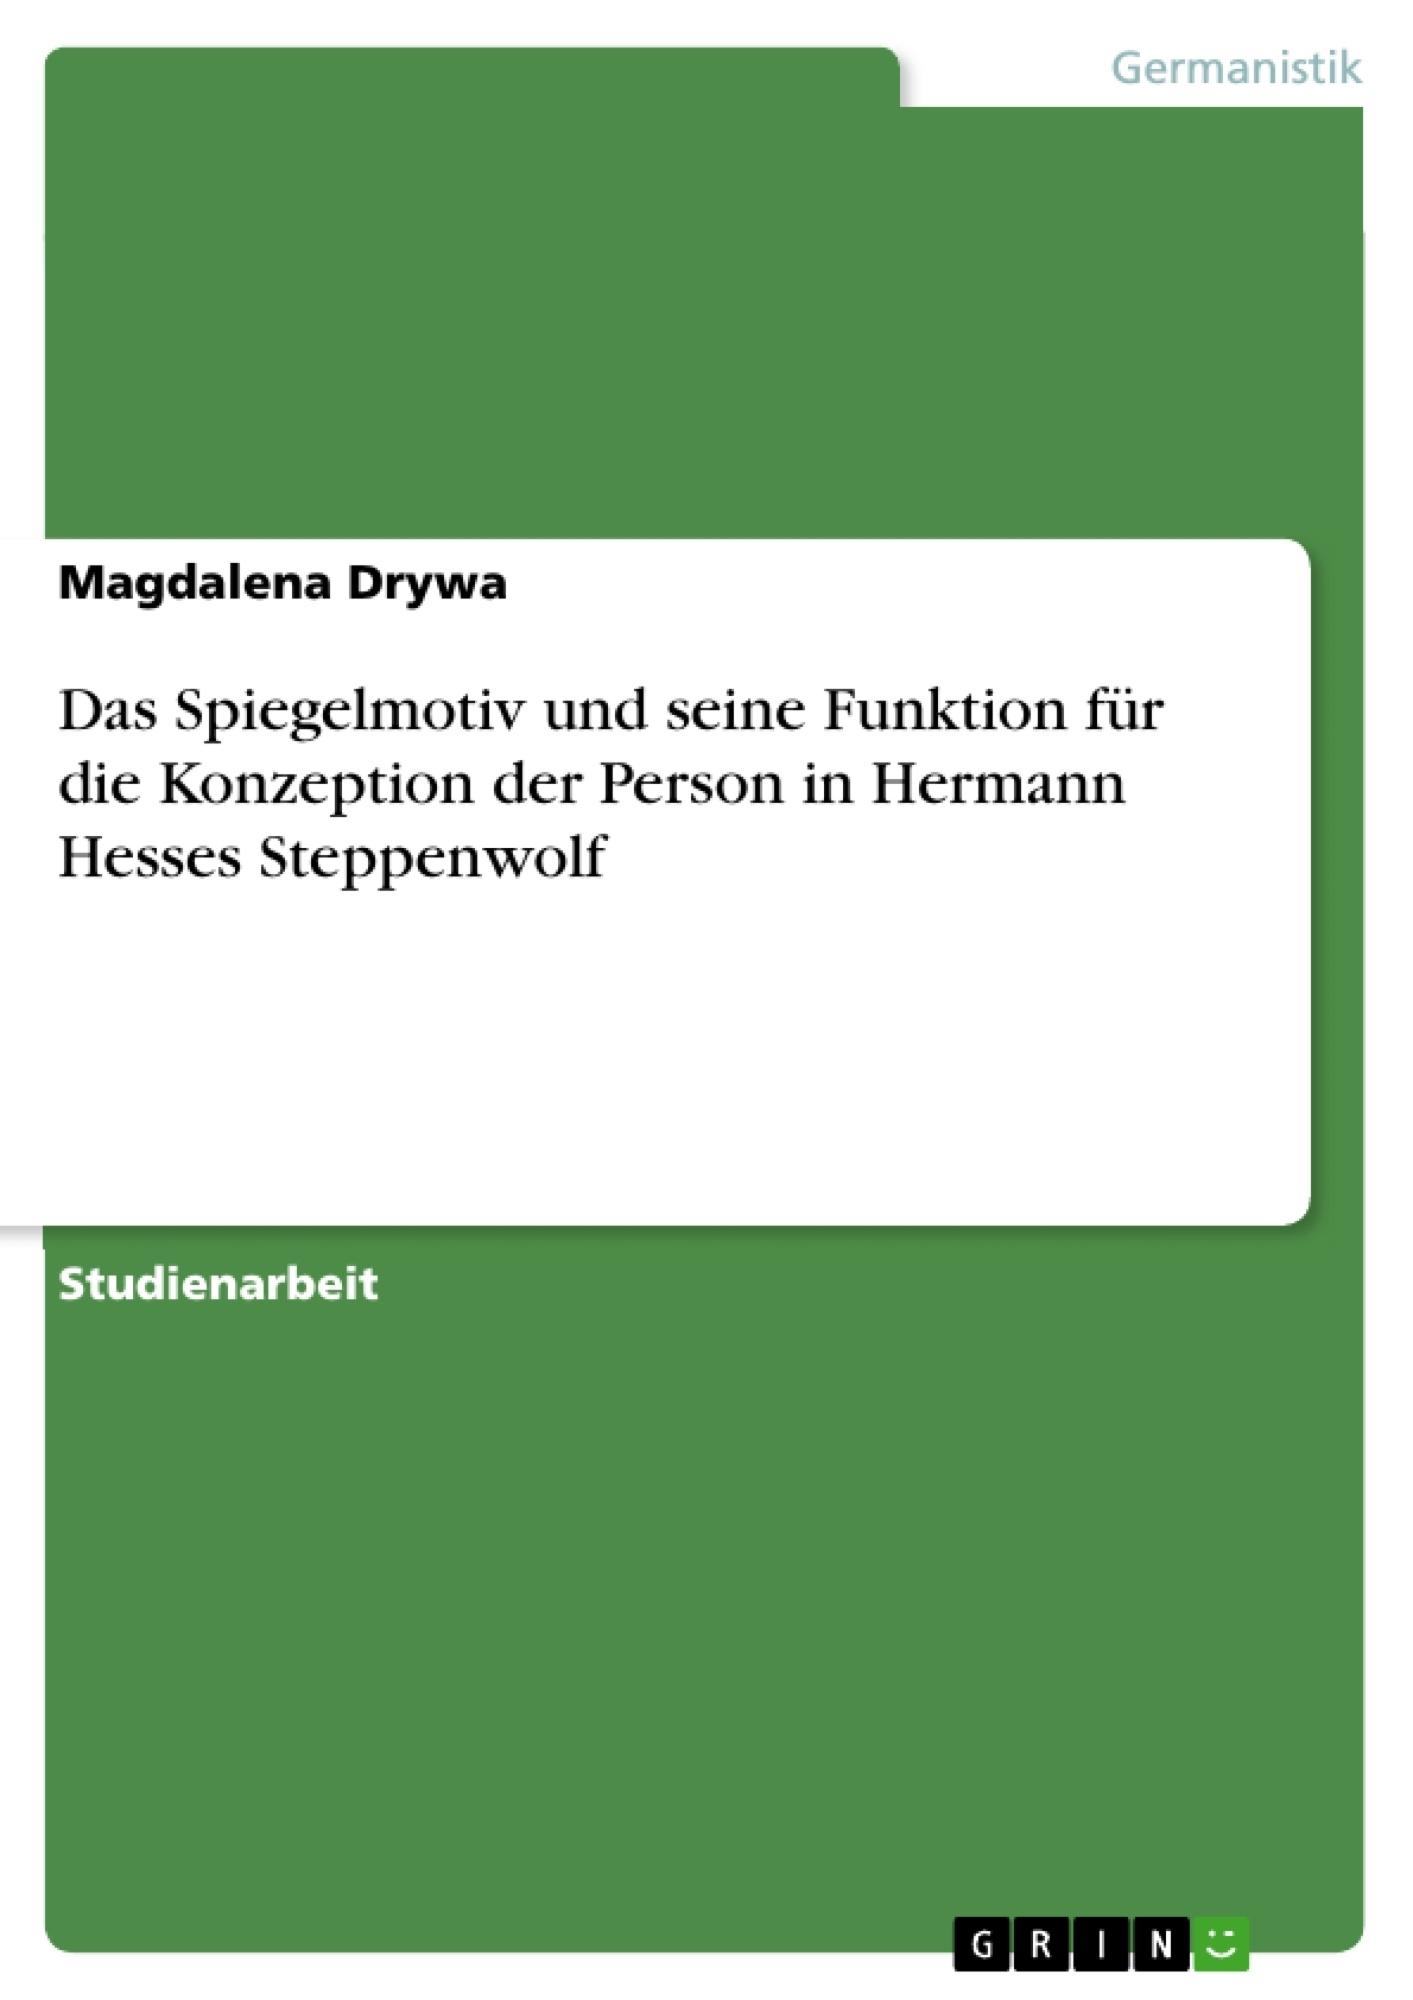 Titel: Das Spiegelmotiv und seine Funktion für die Konzeption der Person in Hermann Hesses Steppenwolf